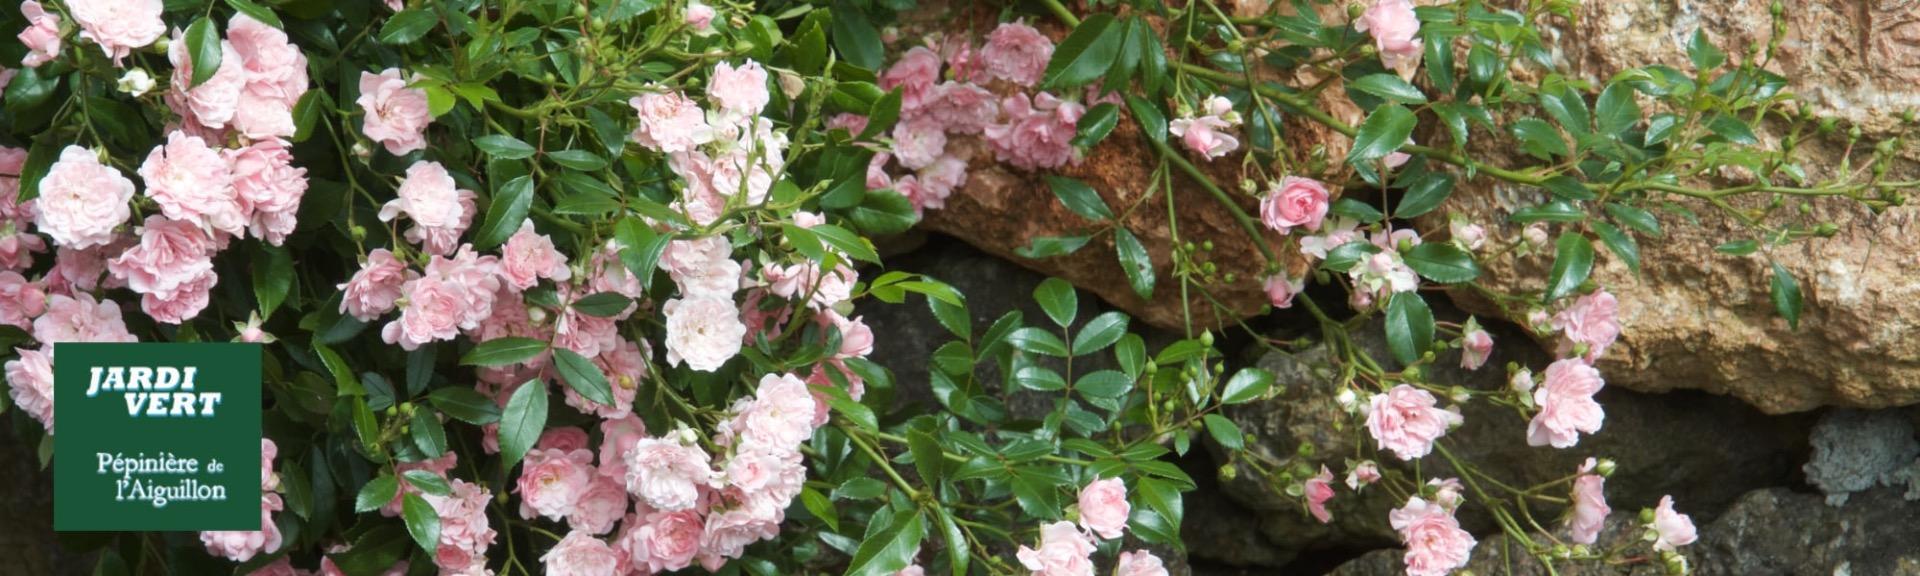 Vente de rosiers the fairy - Jardinerie de l'Aiguillon Toulouse